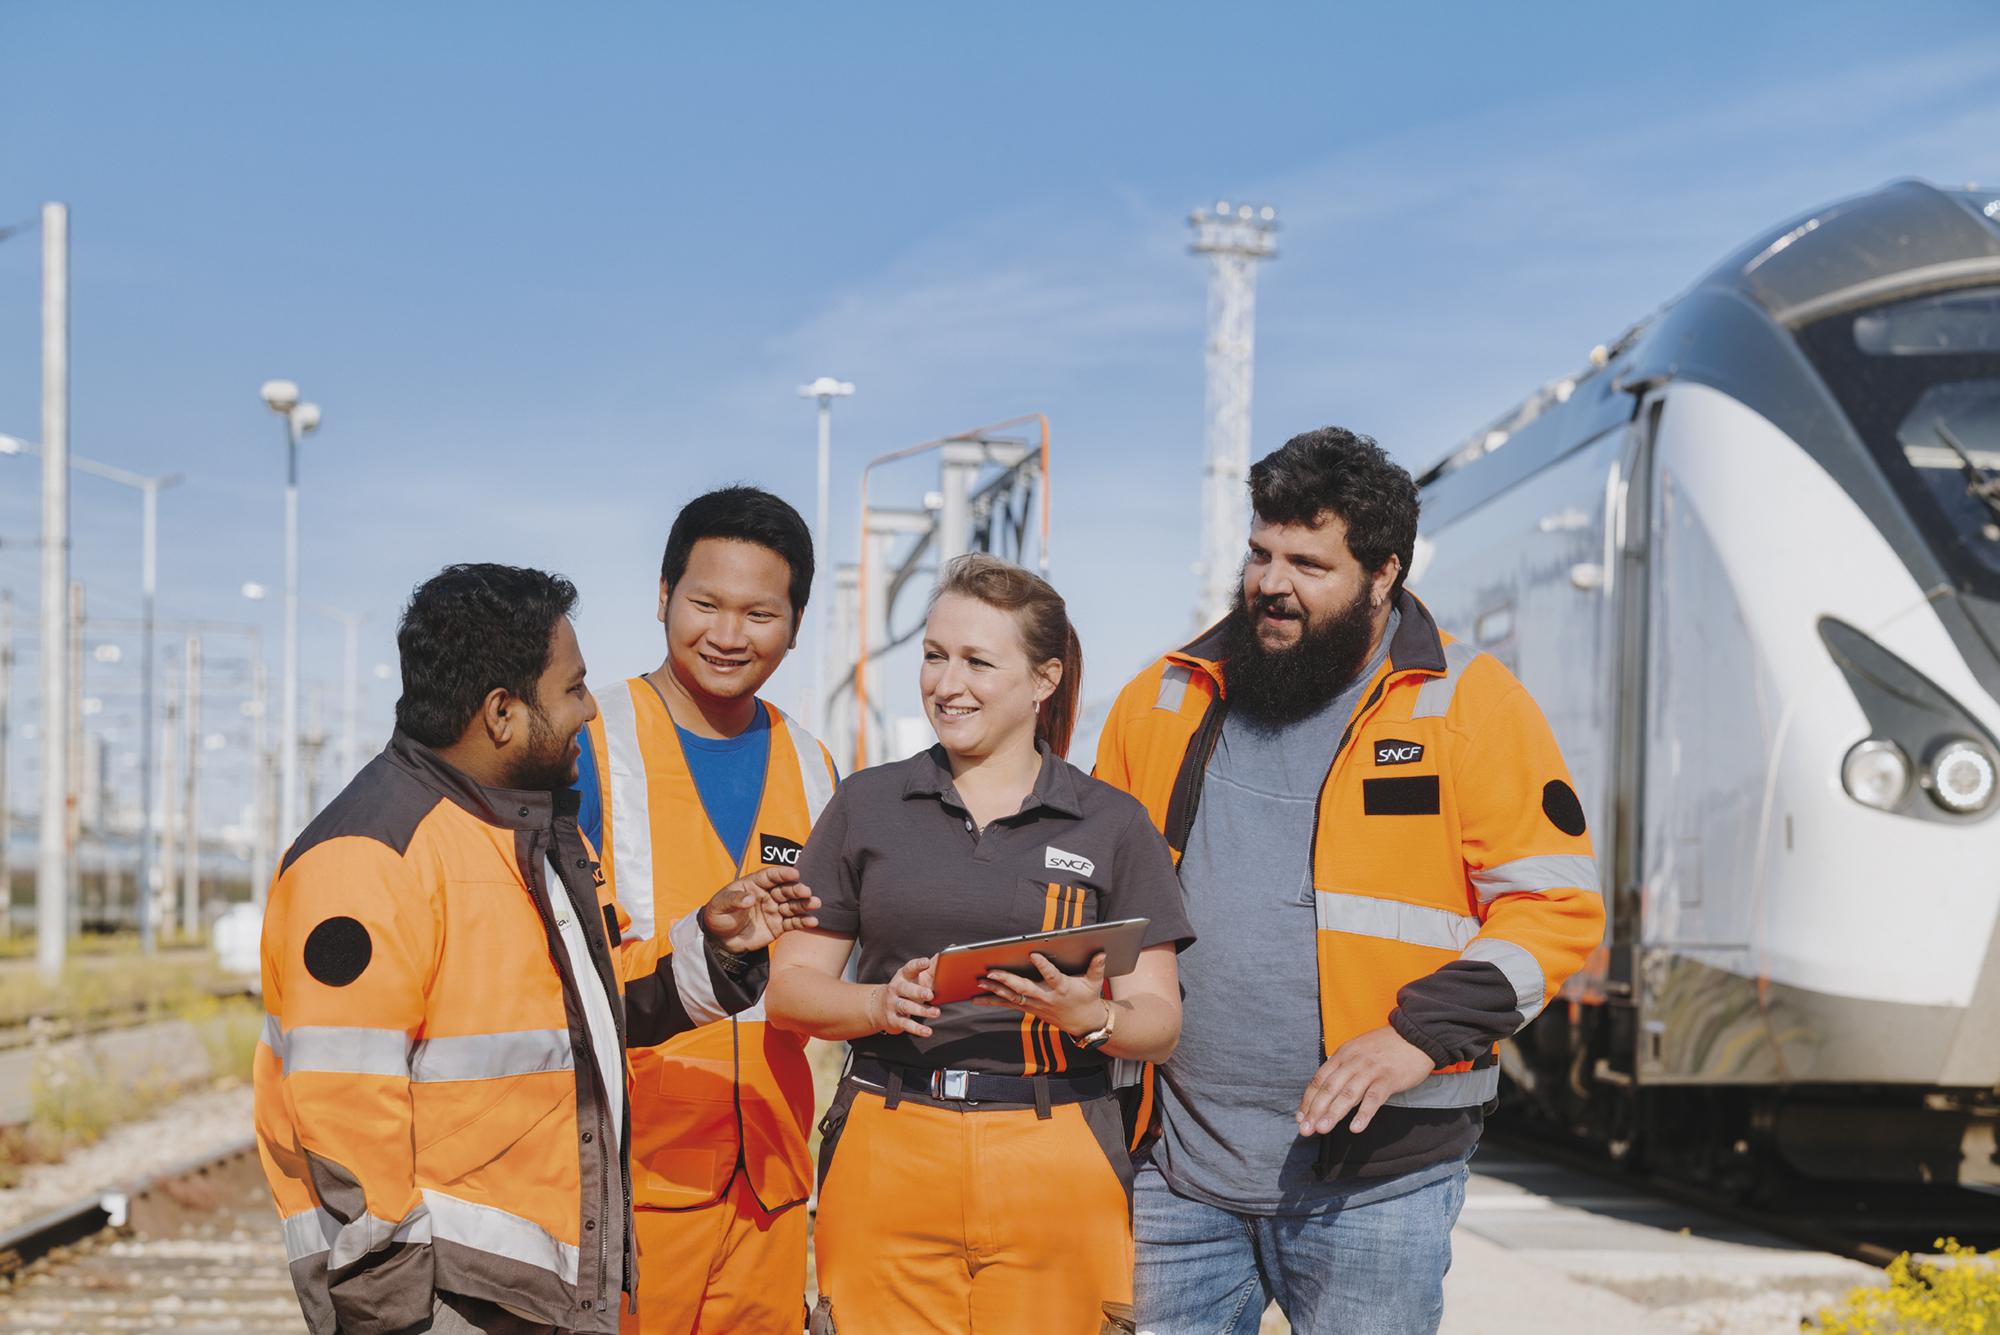 L'excellence au service de projets innovants et durables : trains autonomes, à l'hydrogène, nouveaux modèles ferroviaires…